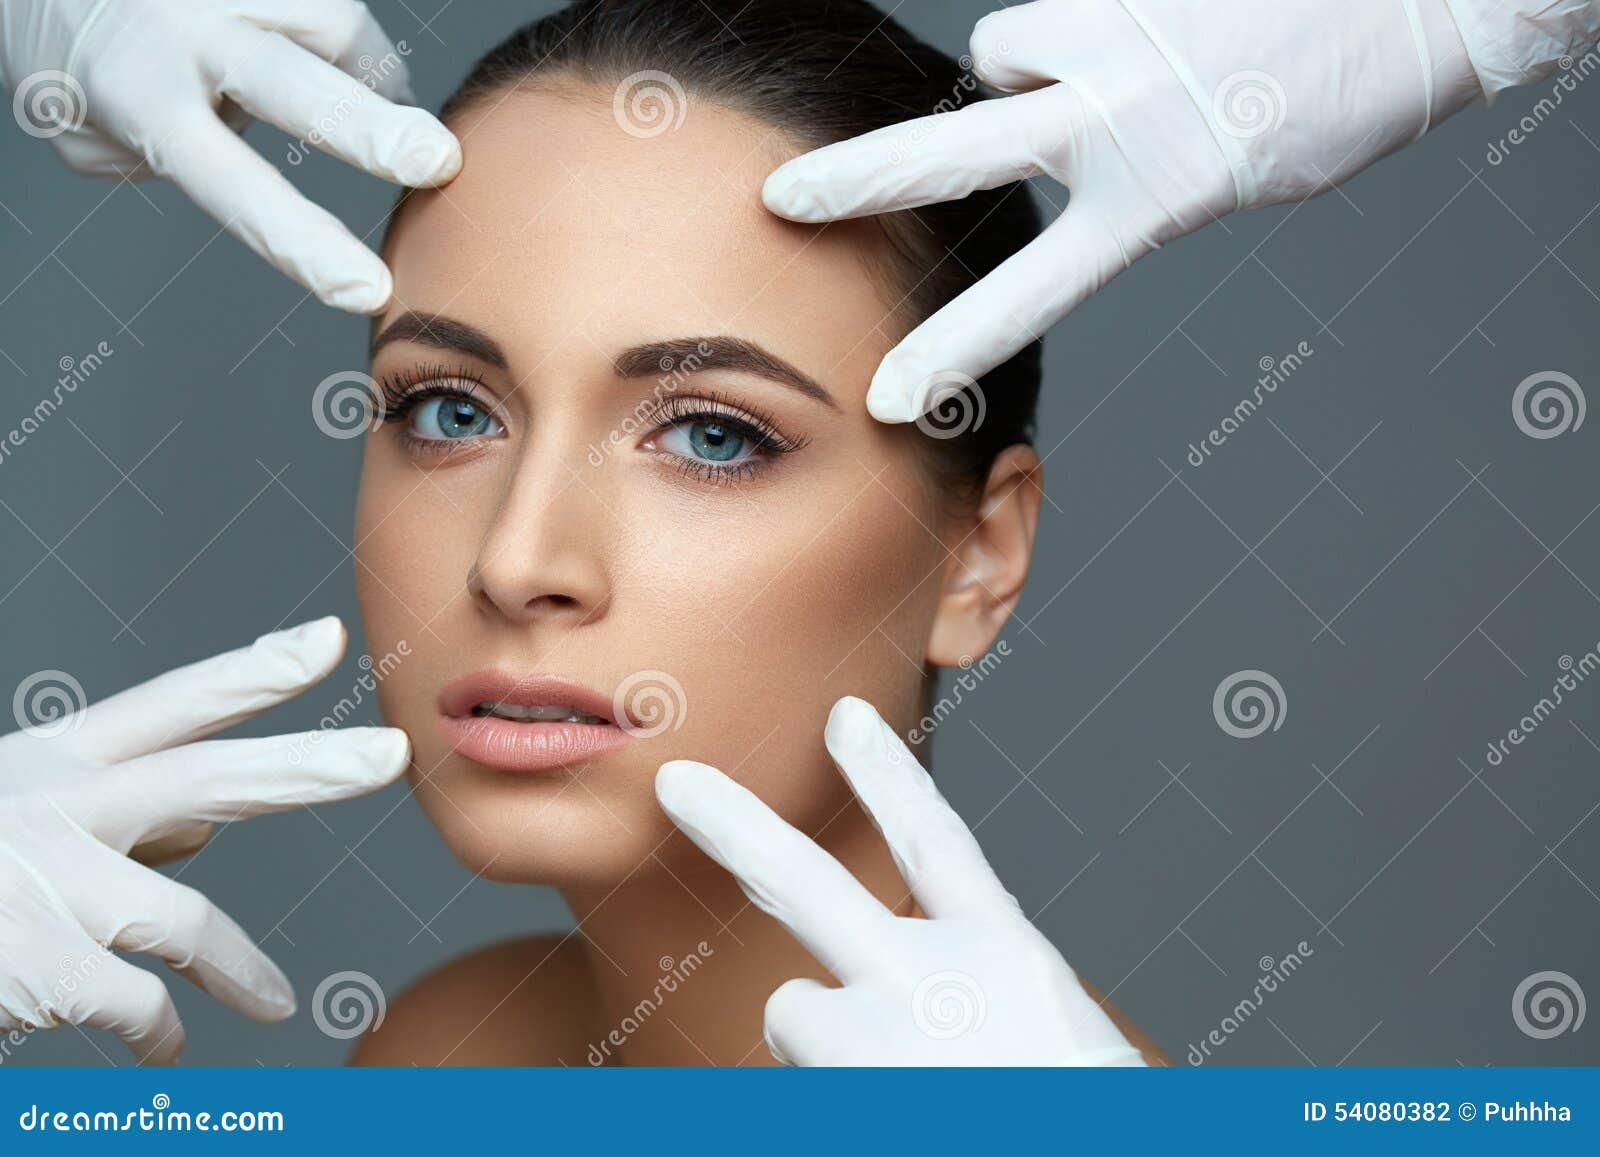 Kosmetische chirurgie Mooie Vrouw vóór Plastic Verrichting beau